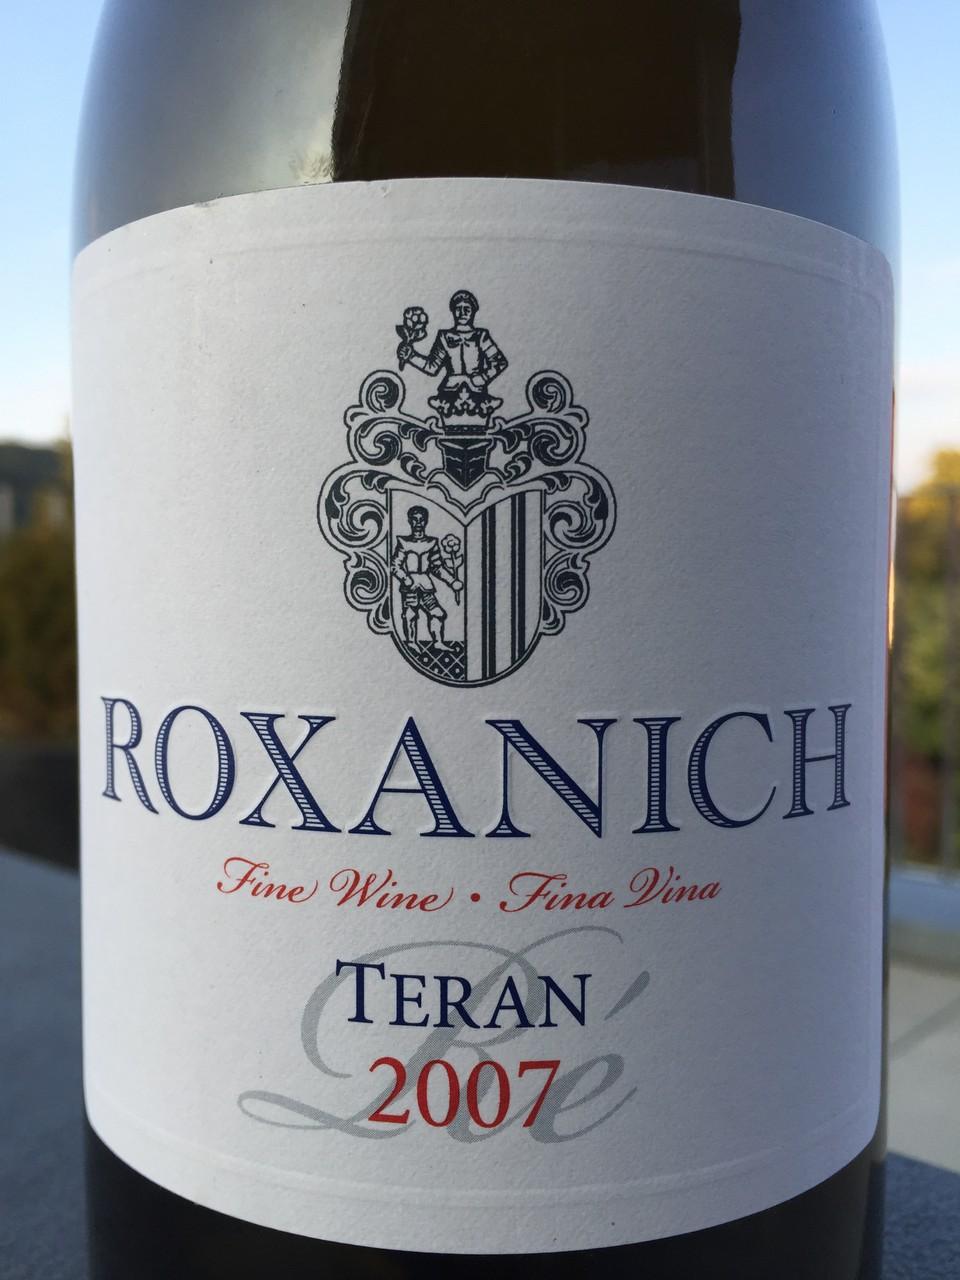 Teran Ré, Roxanich, 2007